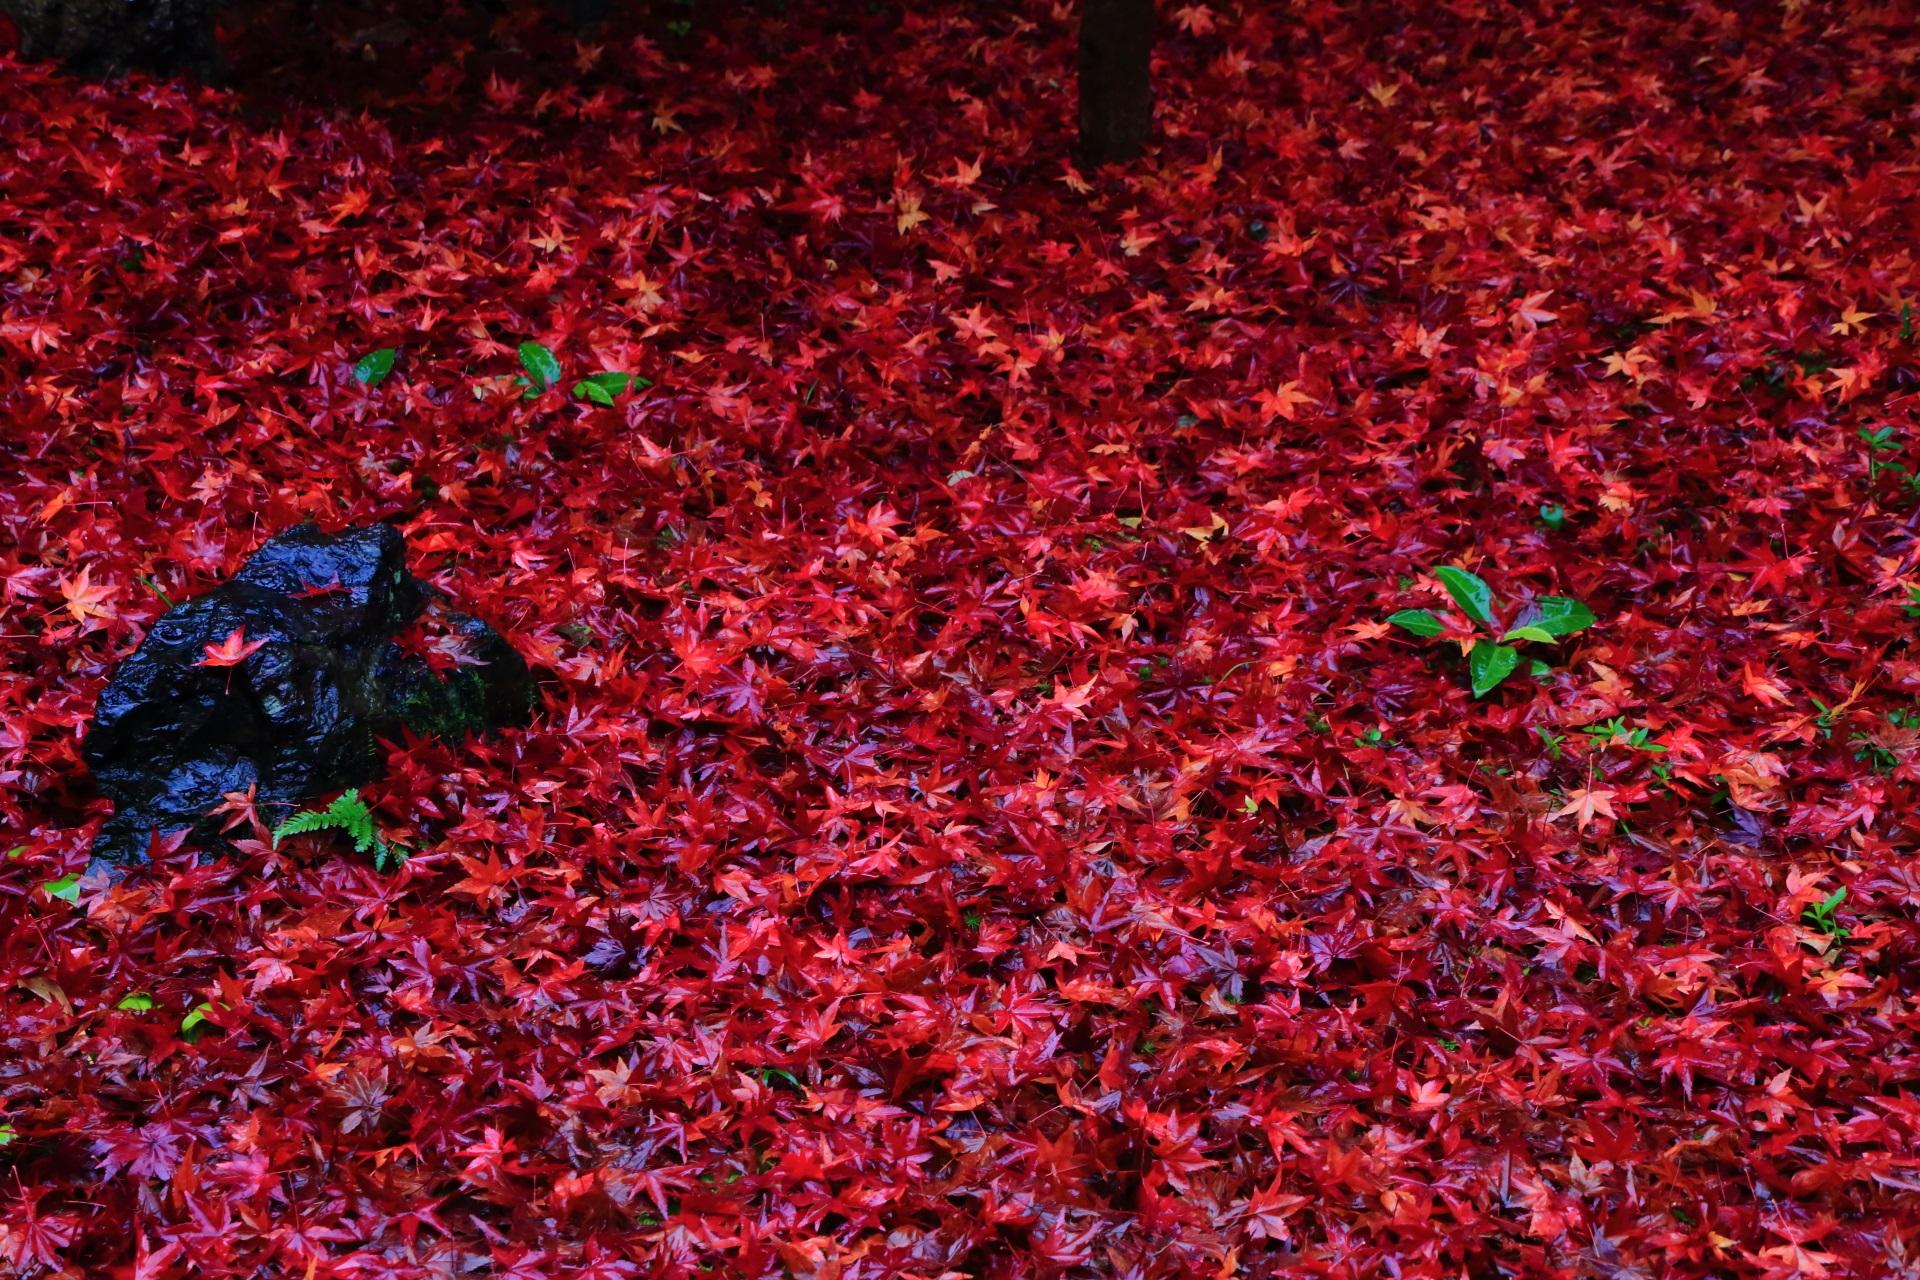 鮮烈な彩りの金福寺の圧巻の紅葉の絨毯